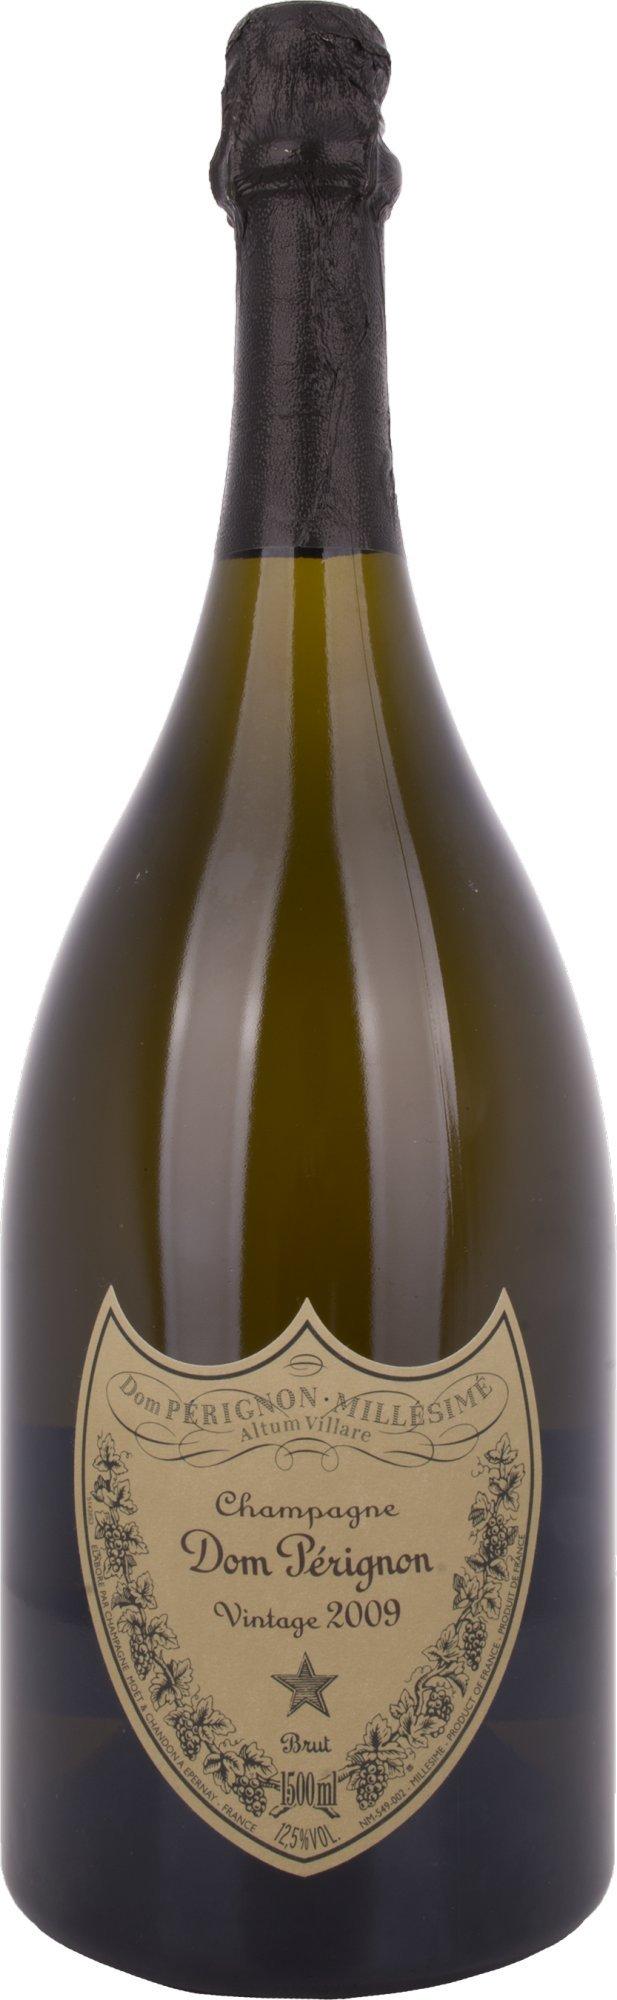 Dom-Prignon-Vintage-2009-Champagner-1-x-15-l